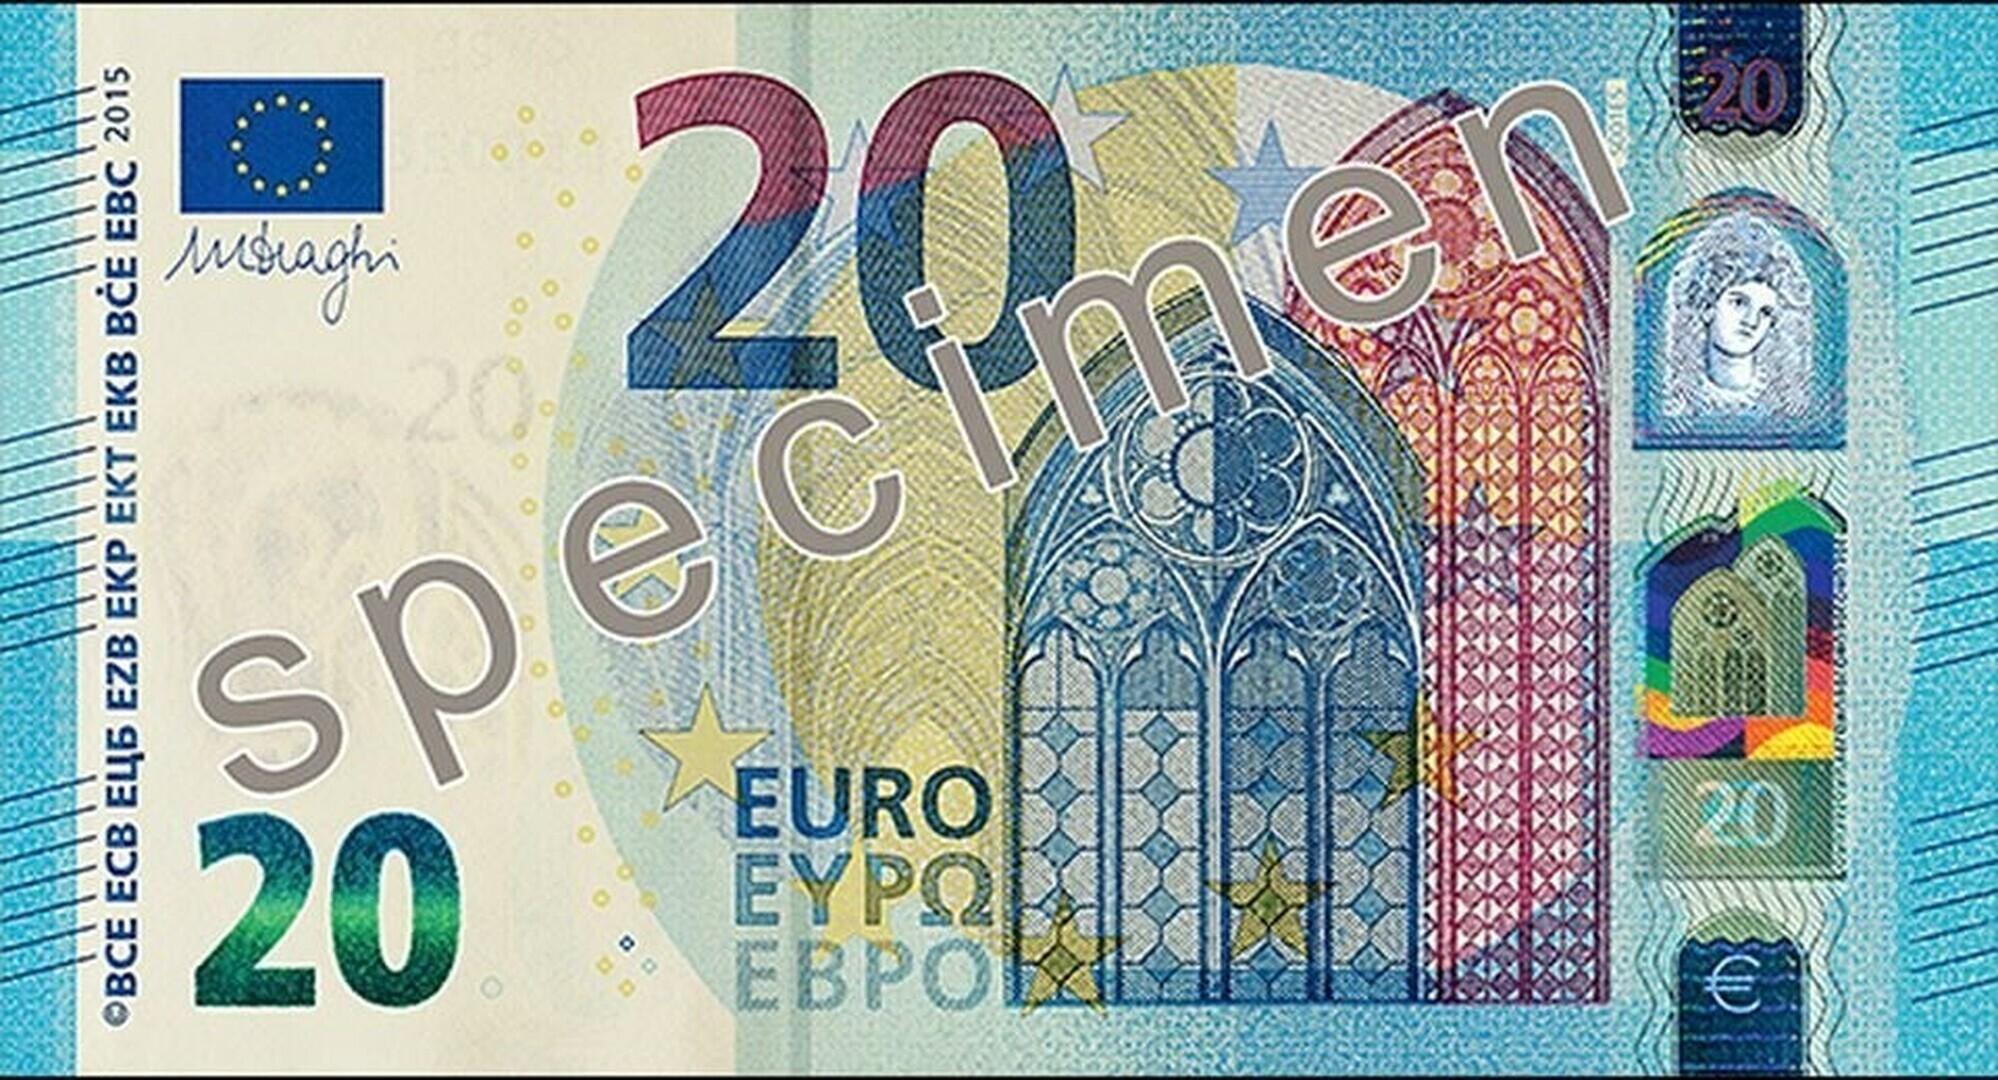 евровидение 2015 эстония слушать онлайн